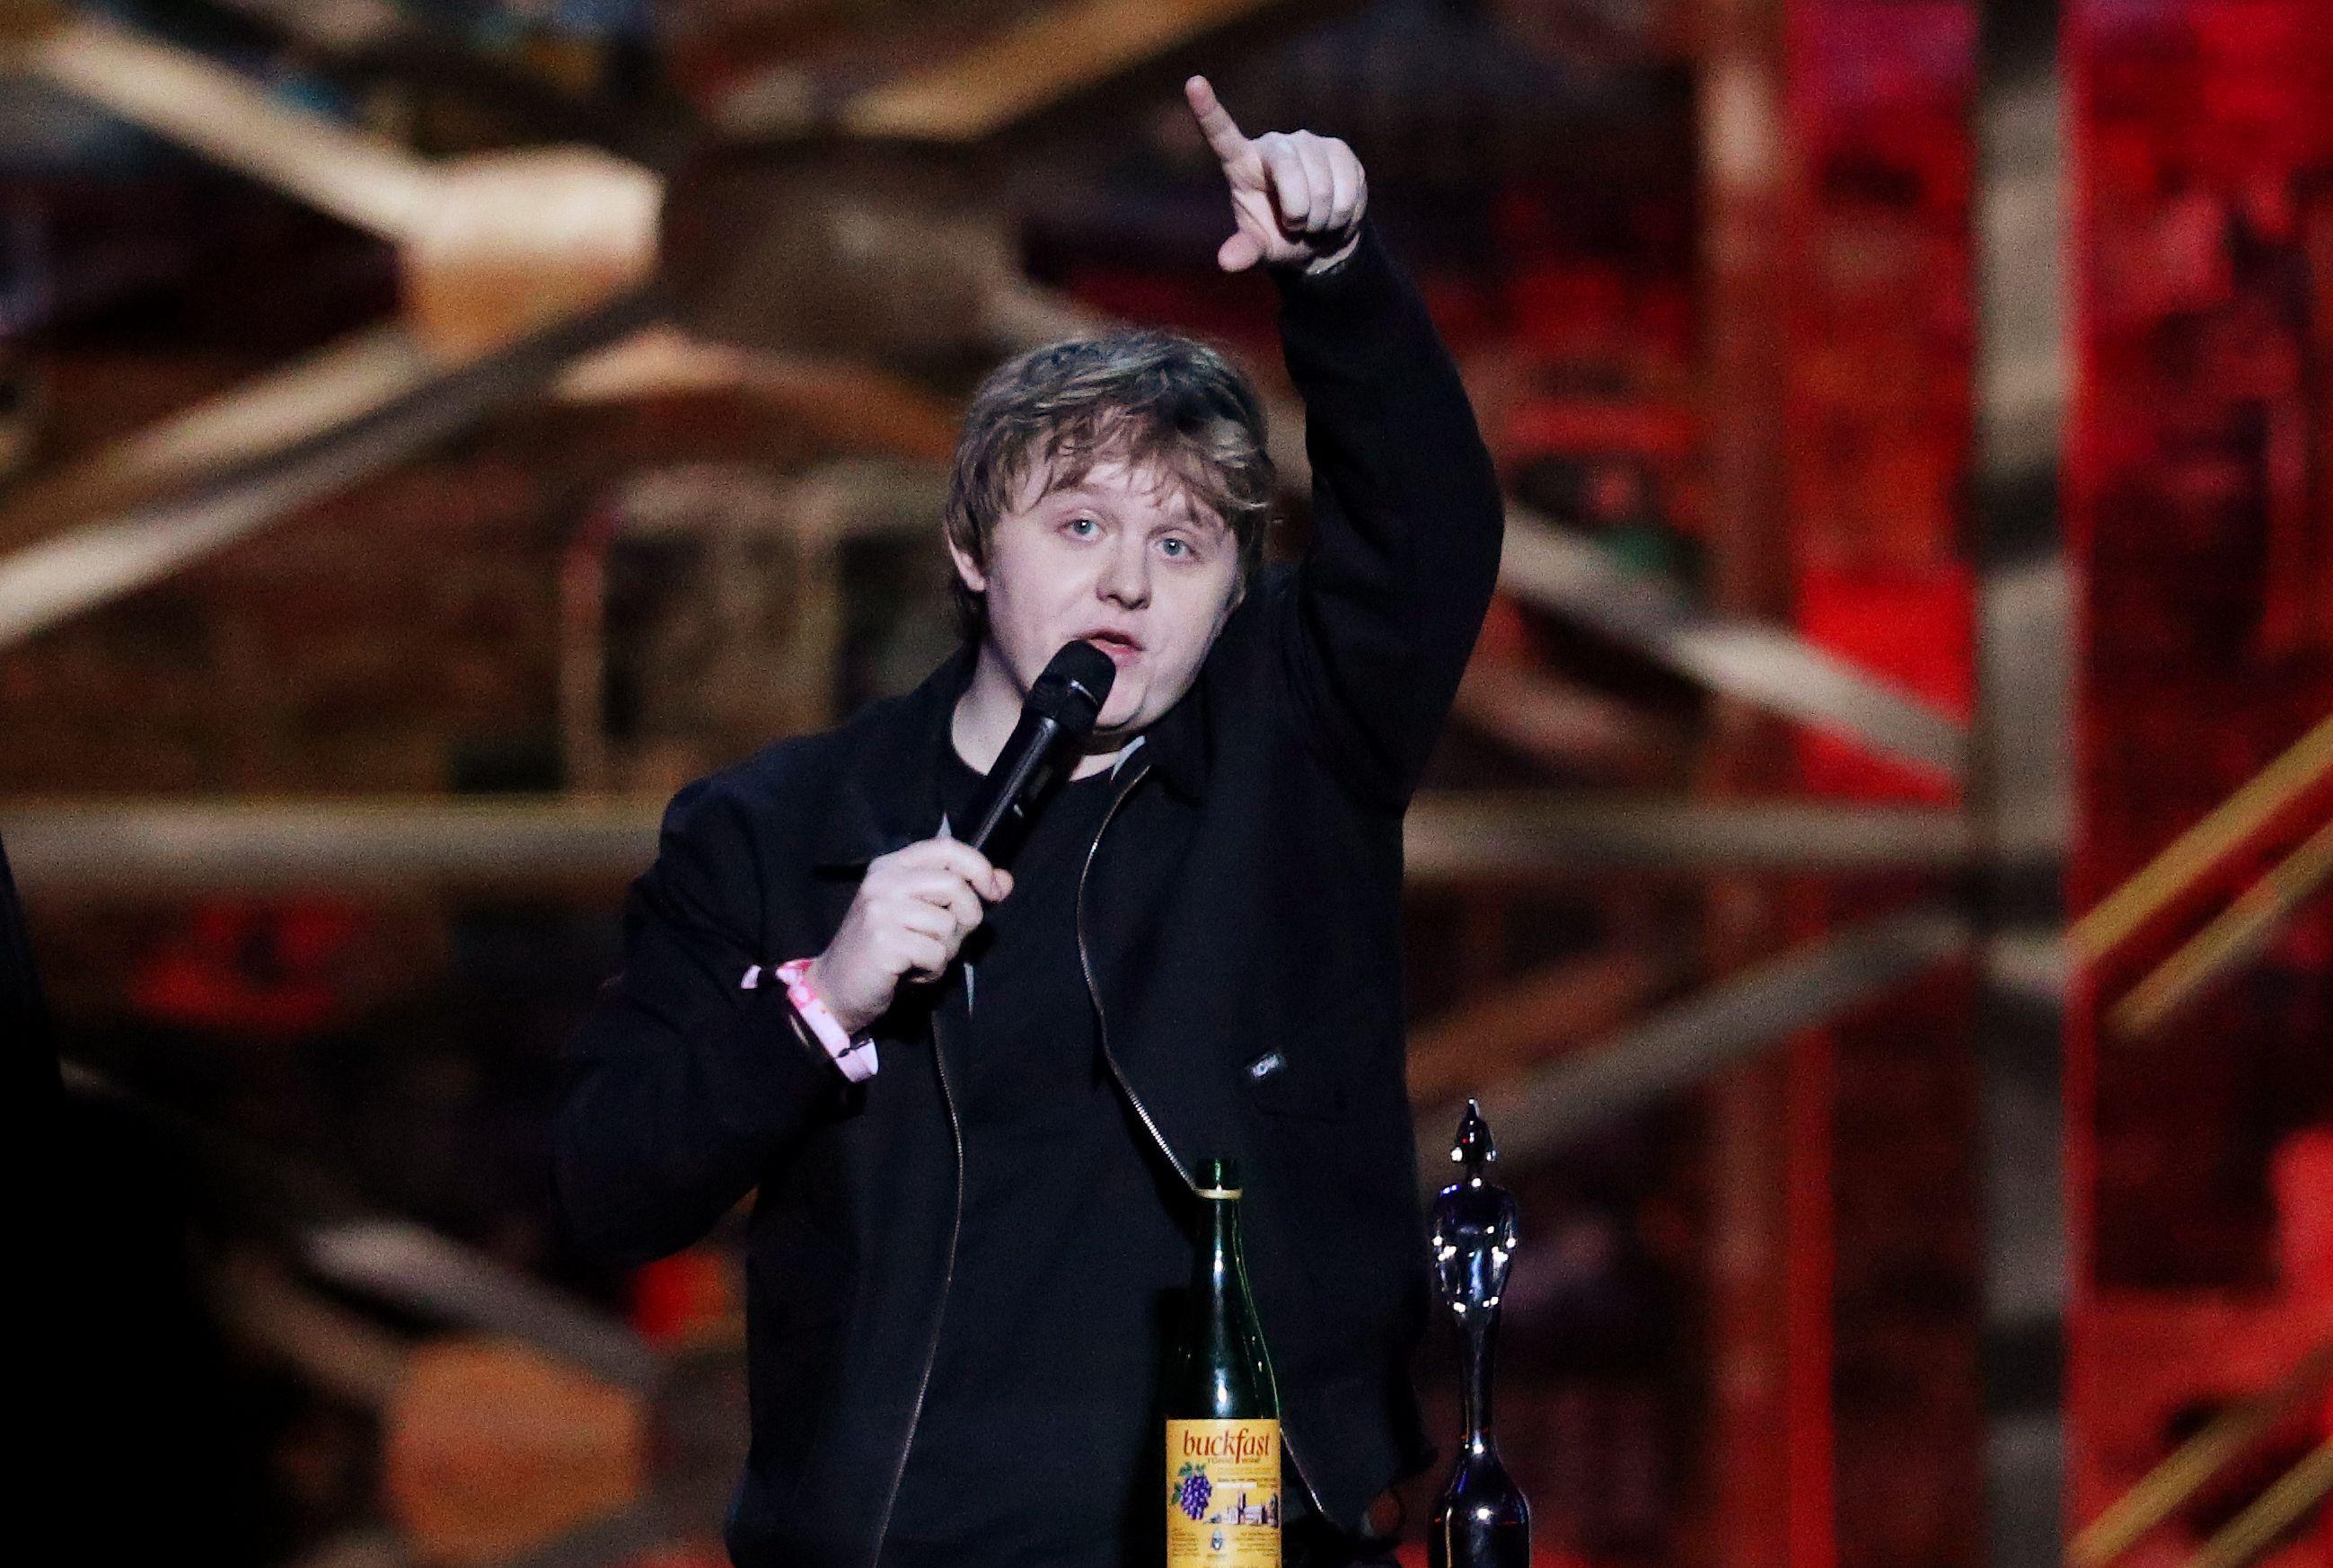 Le chanteur Lewis Capaldi gagne gros aux BRIT Awards alors que le rappeur Dave qualifie le Premier ministre britannique de raciste